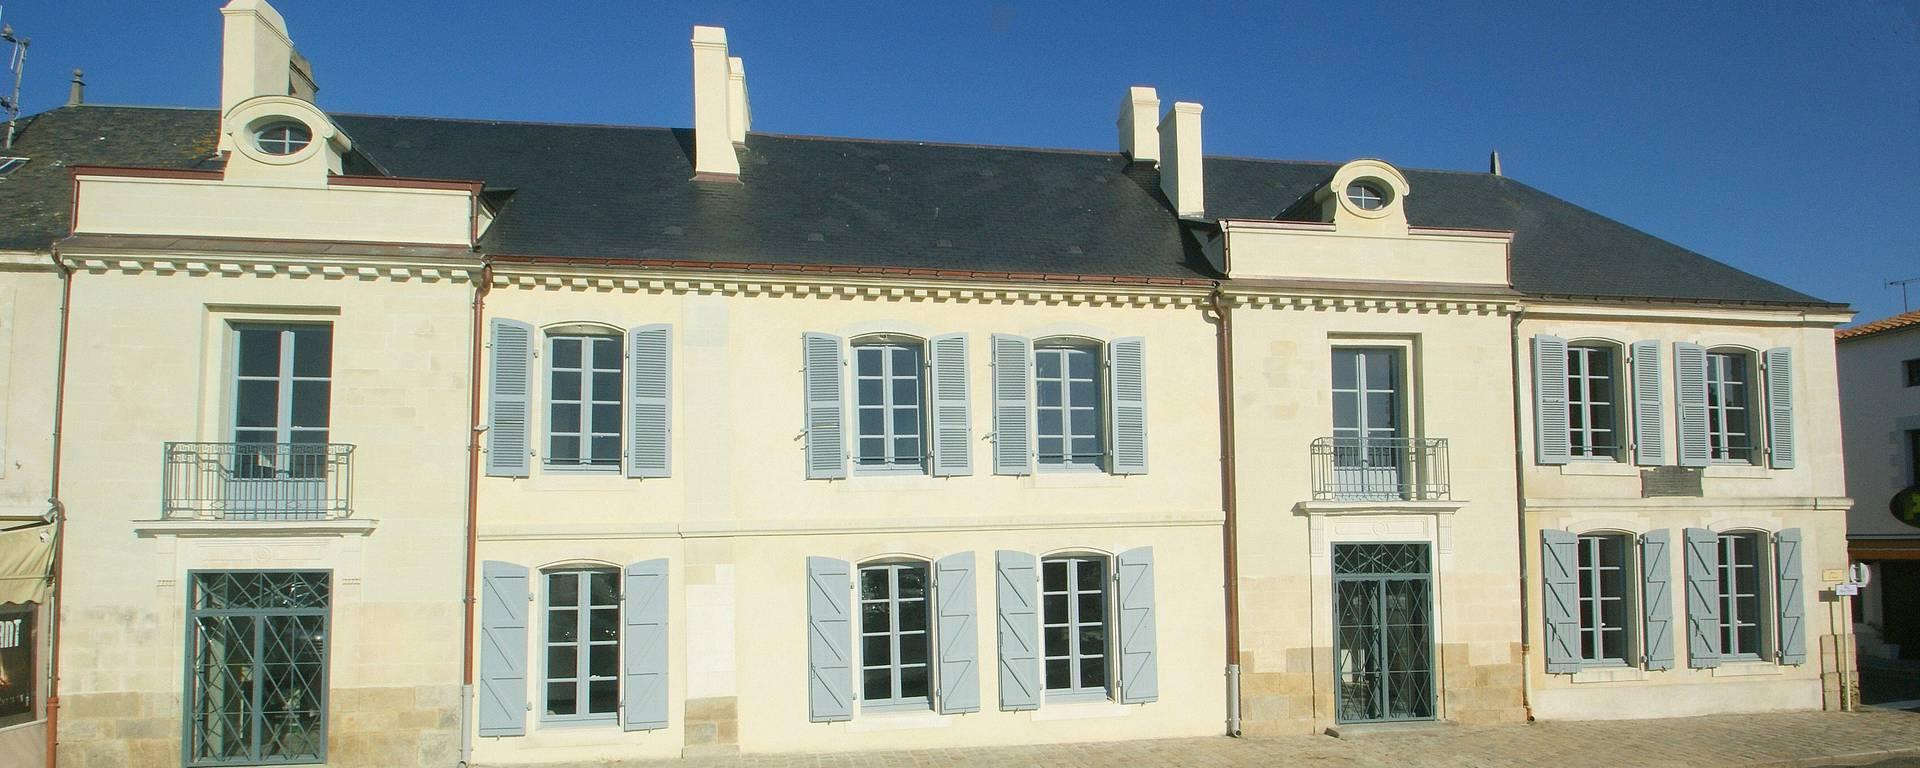 (c) Cdc île de Noirmoutier